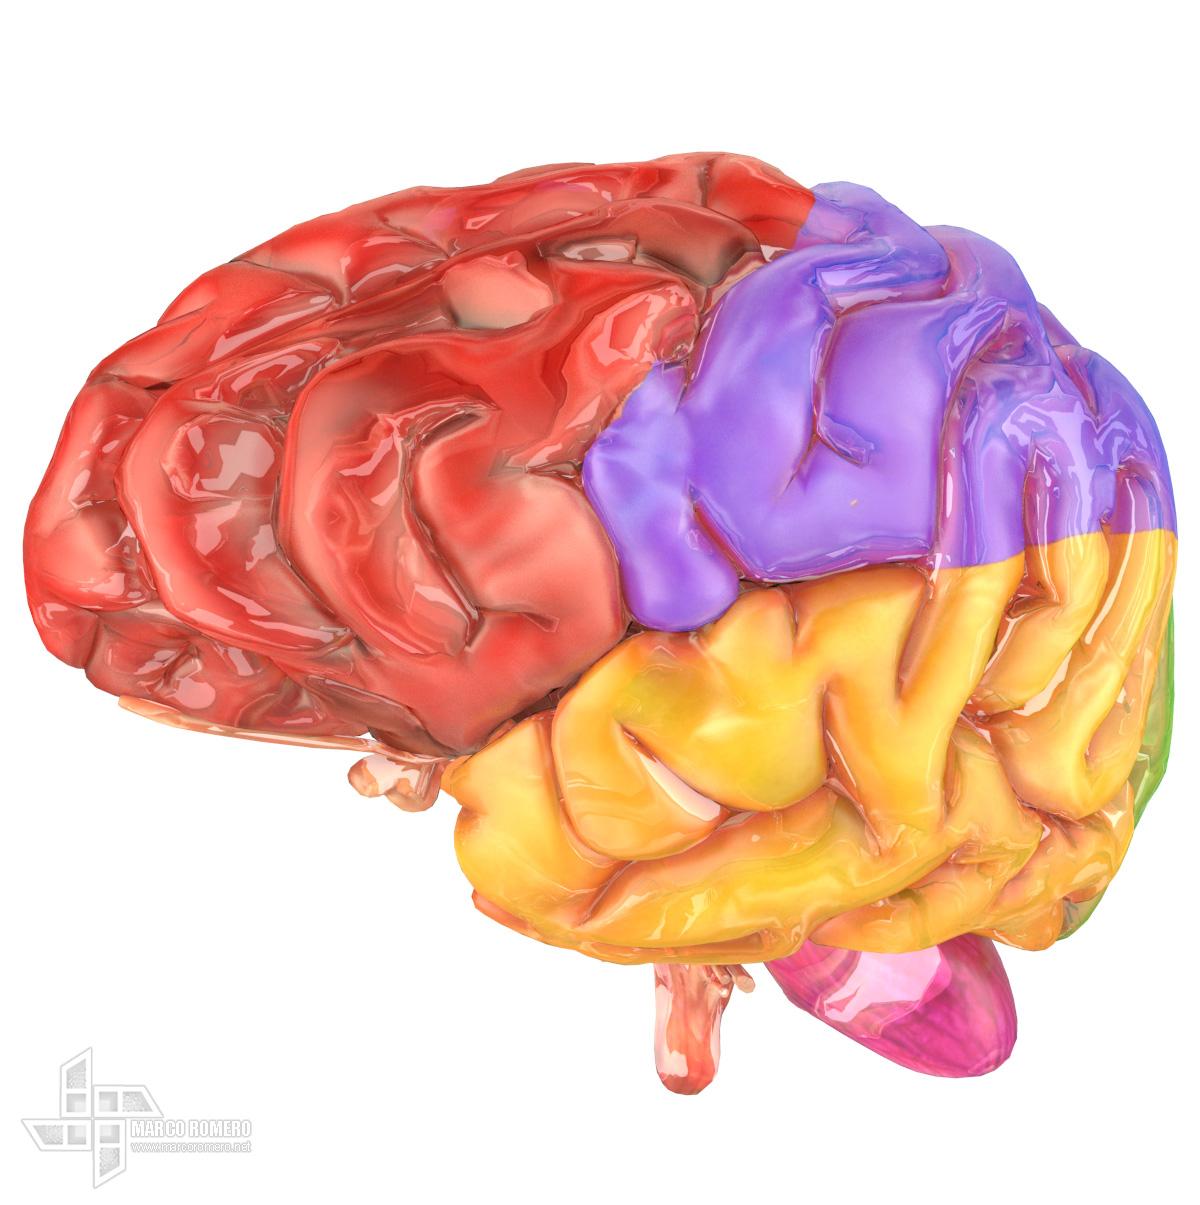 Maromero human brain schemati 1 e48eb481 1mg2